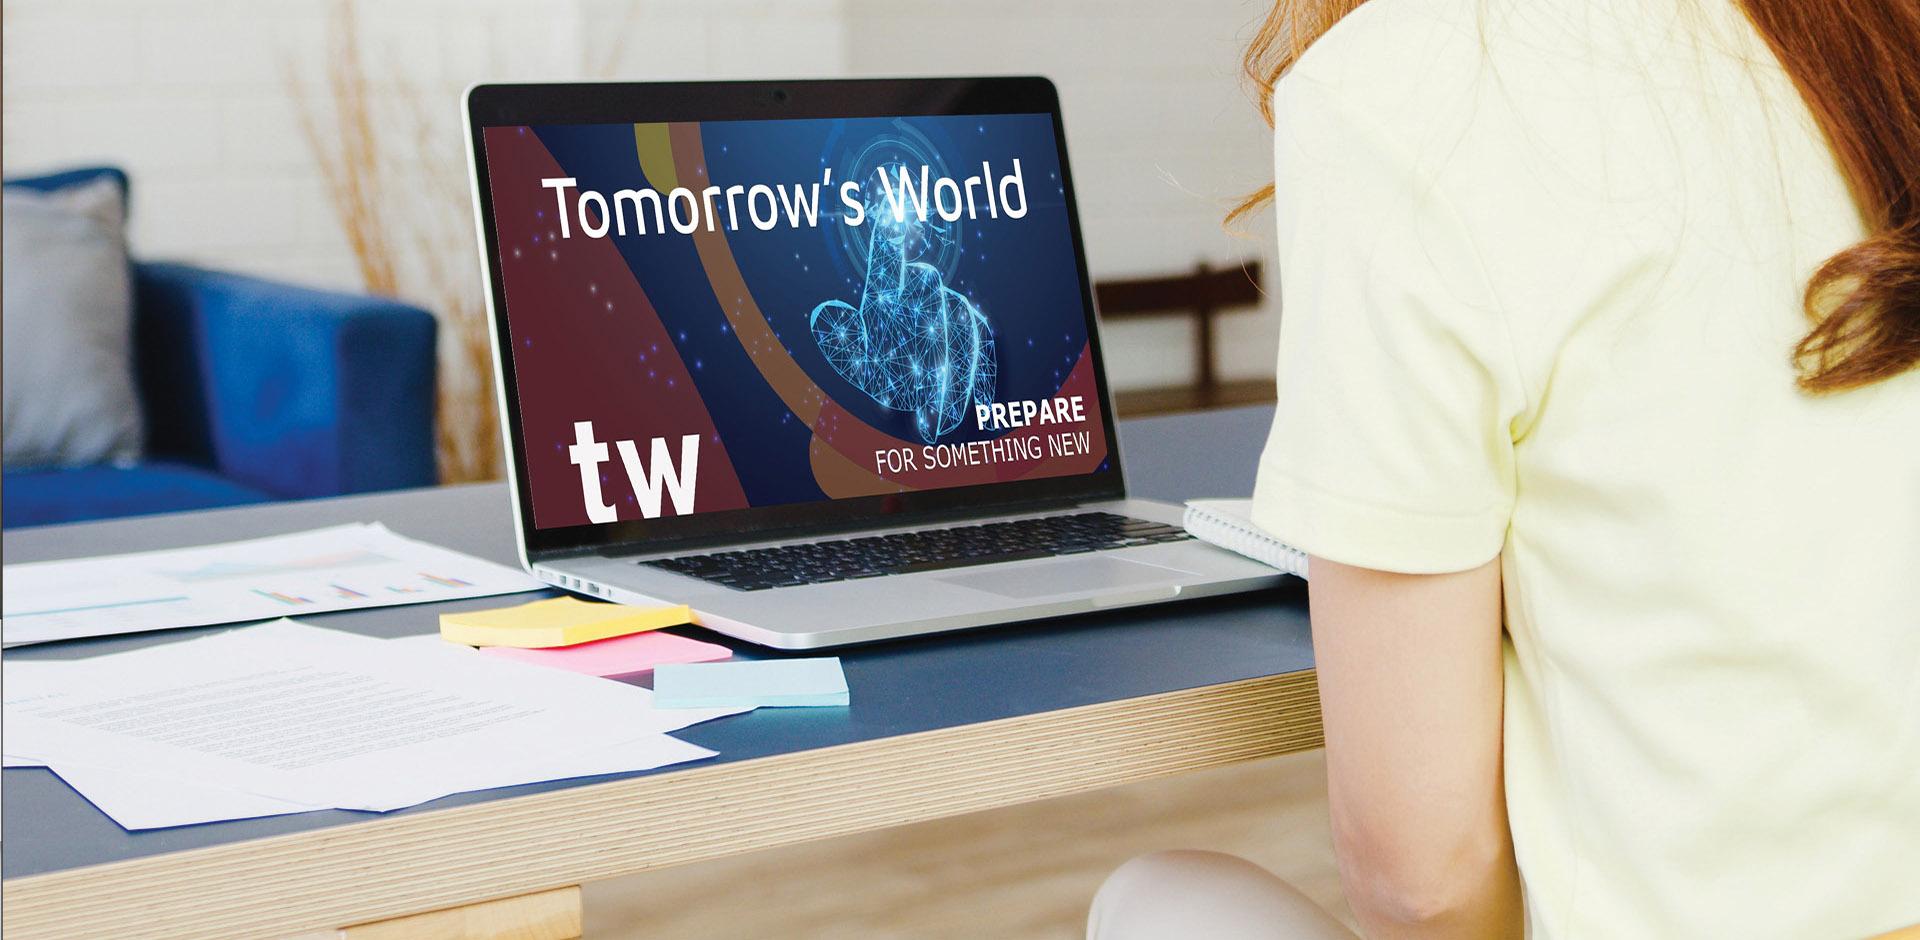 PS Tomorrow's World